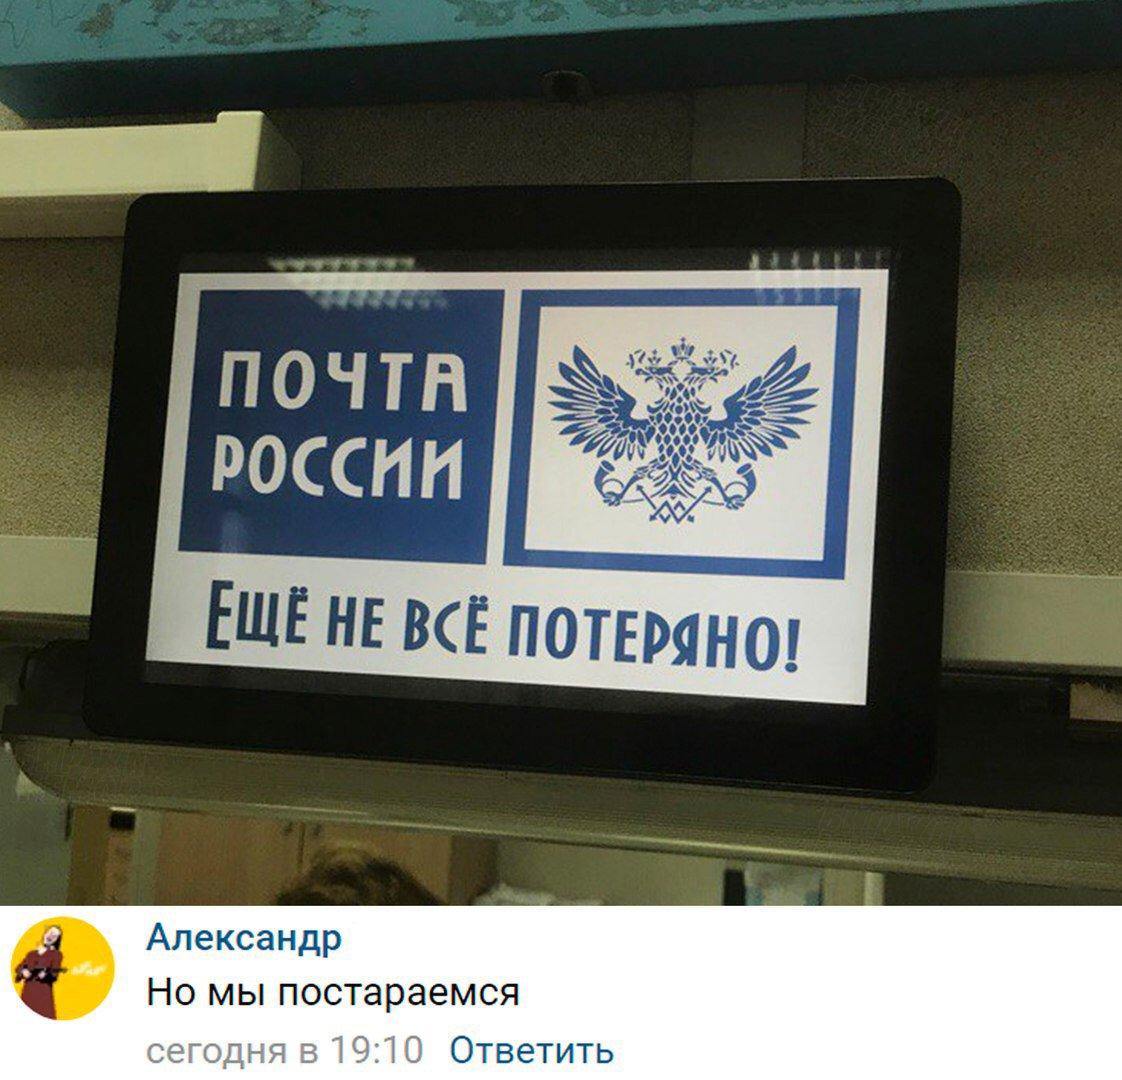 Приколы почта россии картинки